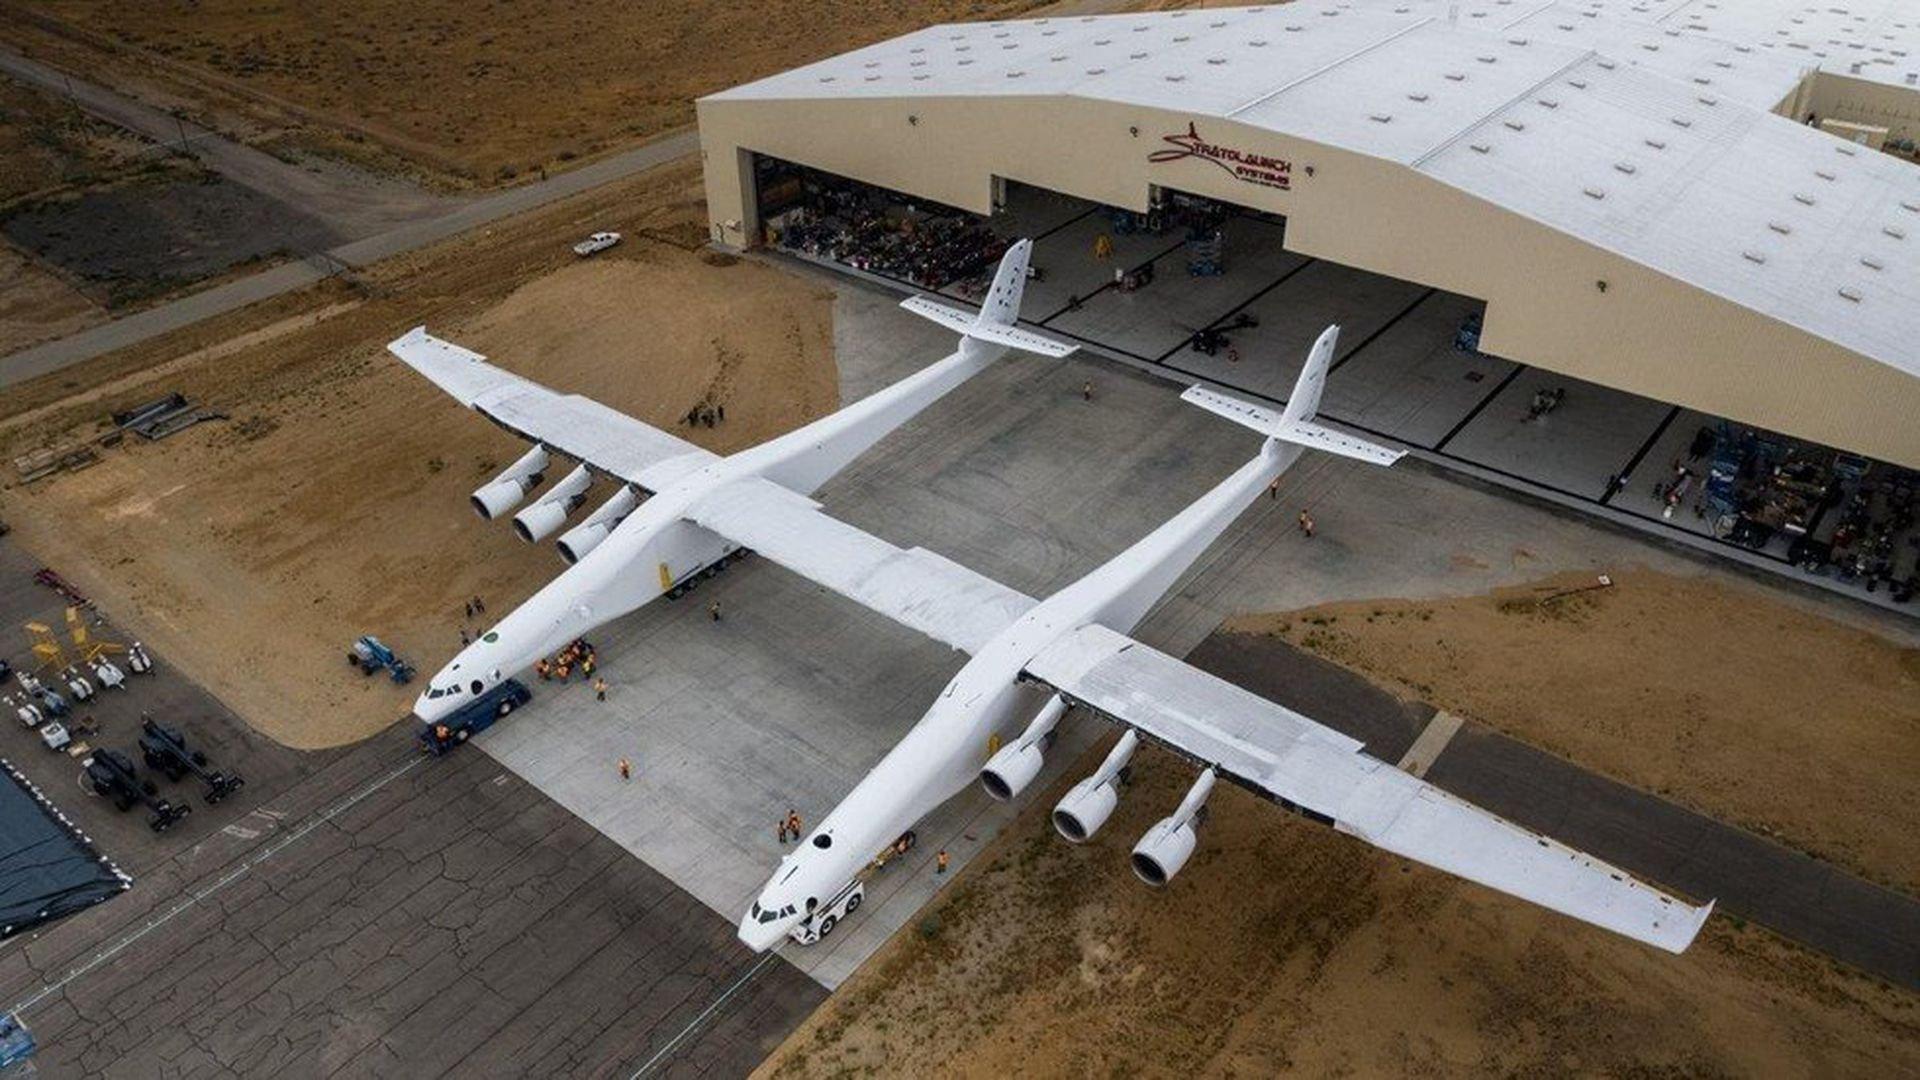 ВСША поведали, когда самолет-гигант взлетит навоздух